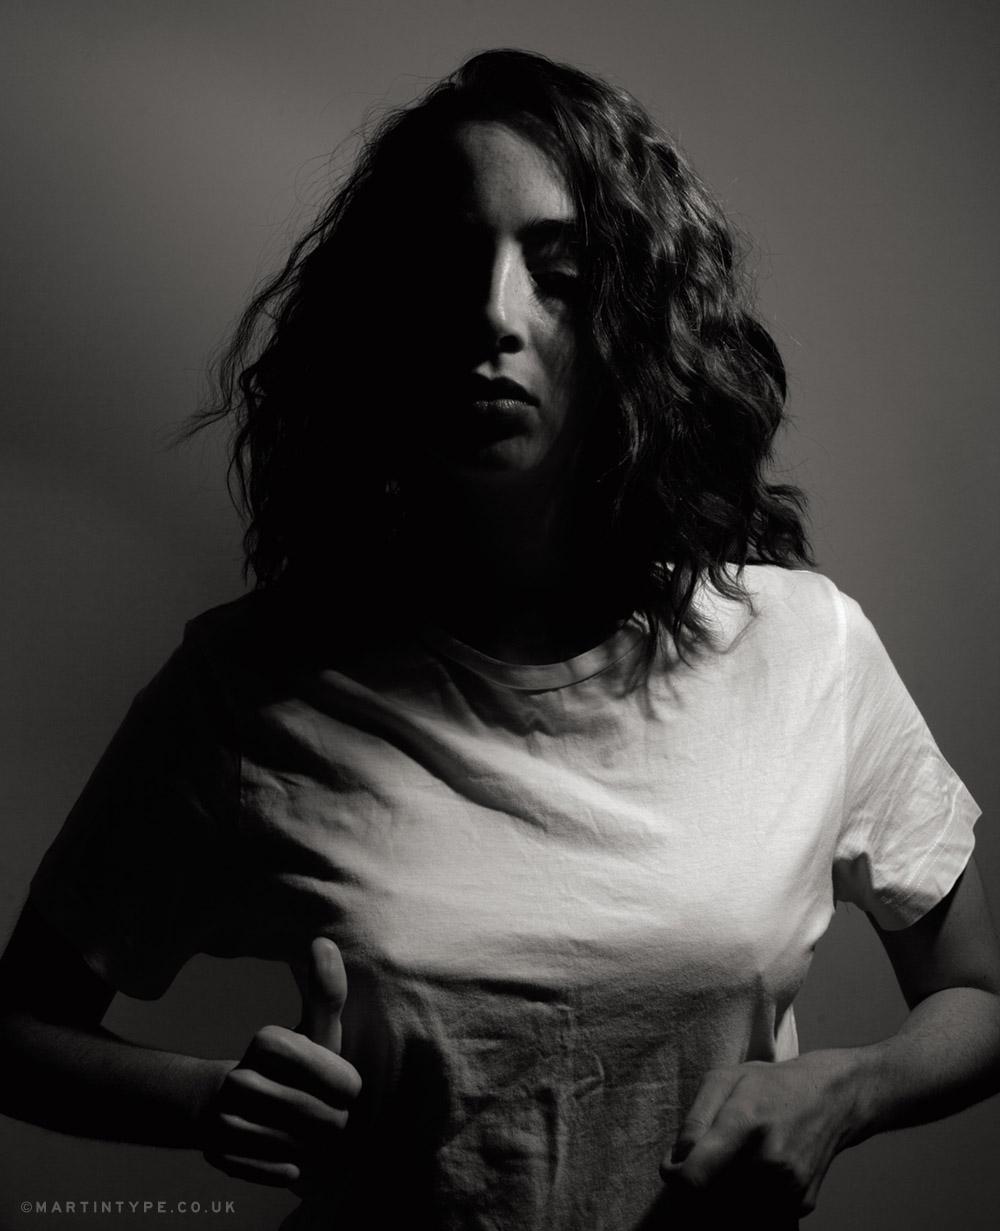 Eva Stone Promotional Photography - Aug 2015 [Andy Martin - martintype.co.uk] 01